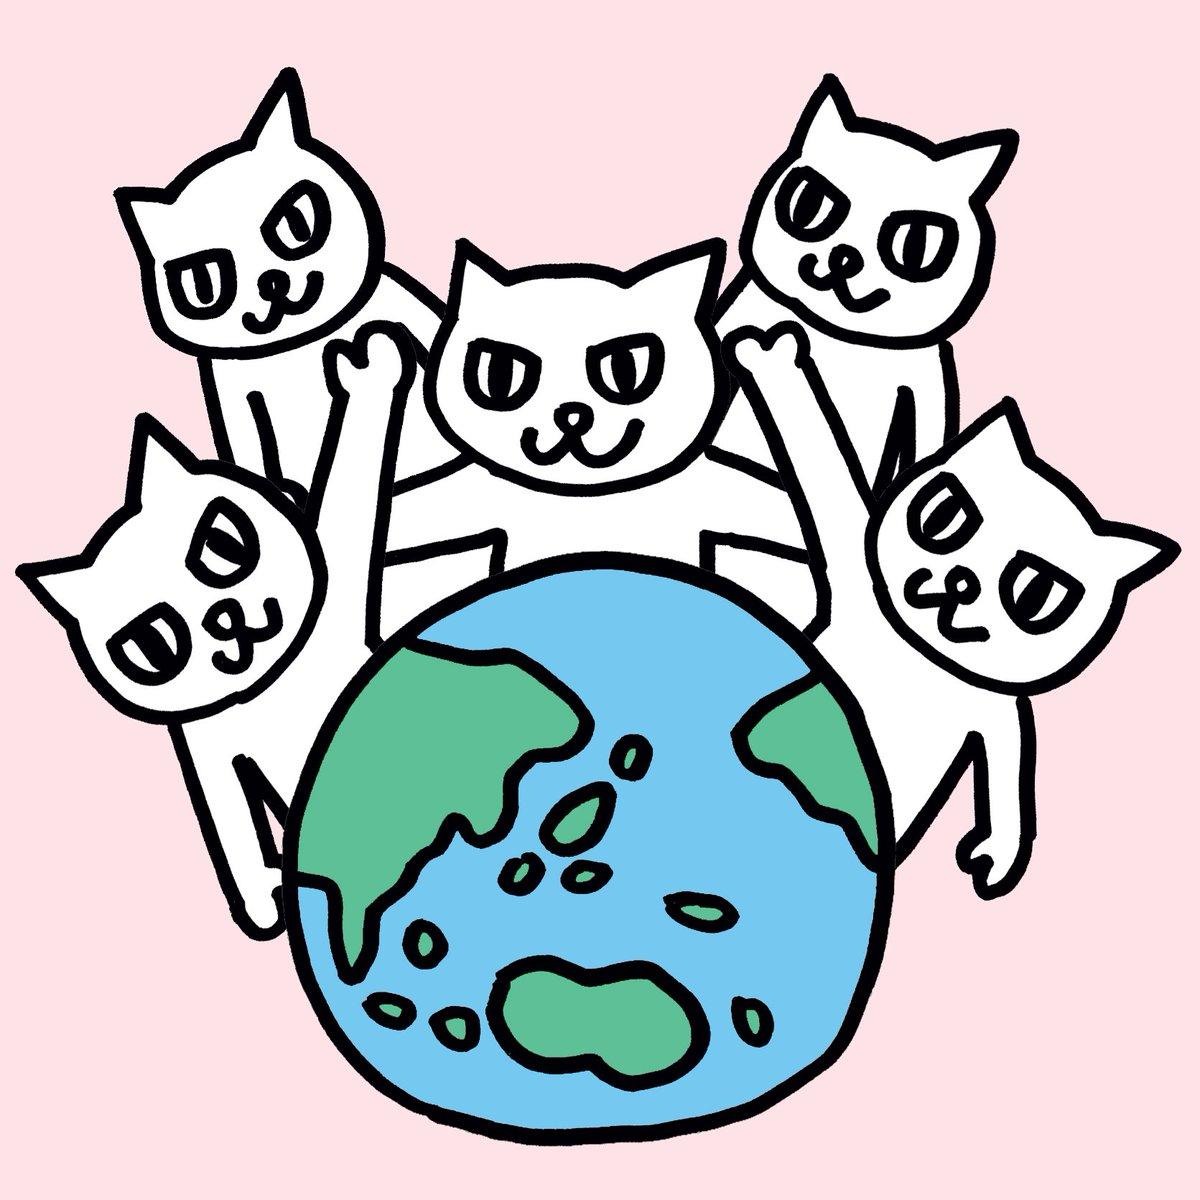 8月8日は #世界猫の日 https://t.co/mJSnrfg6CI